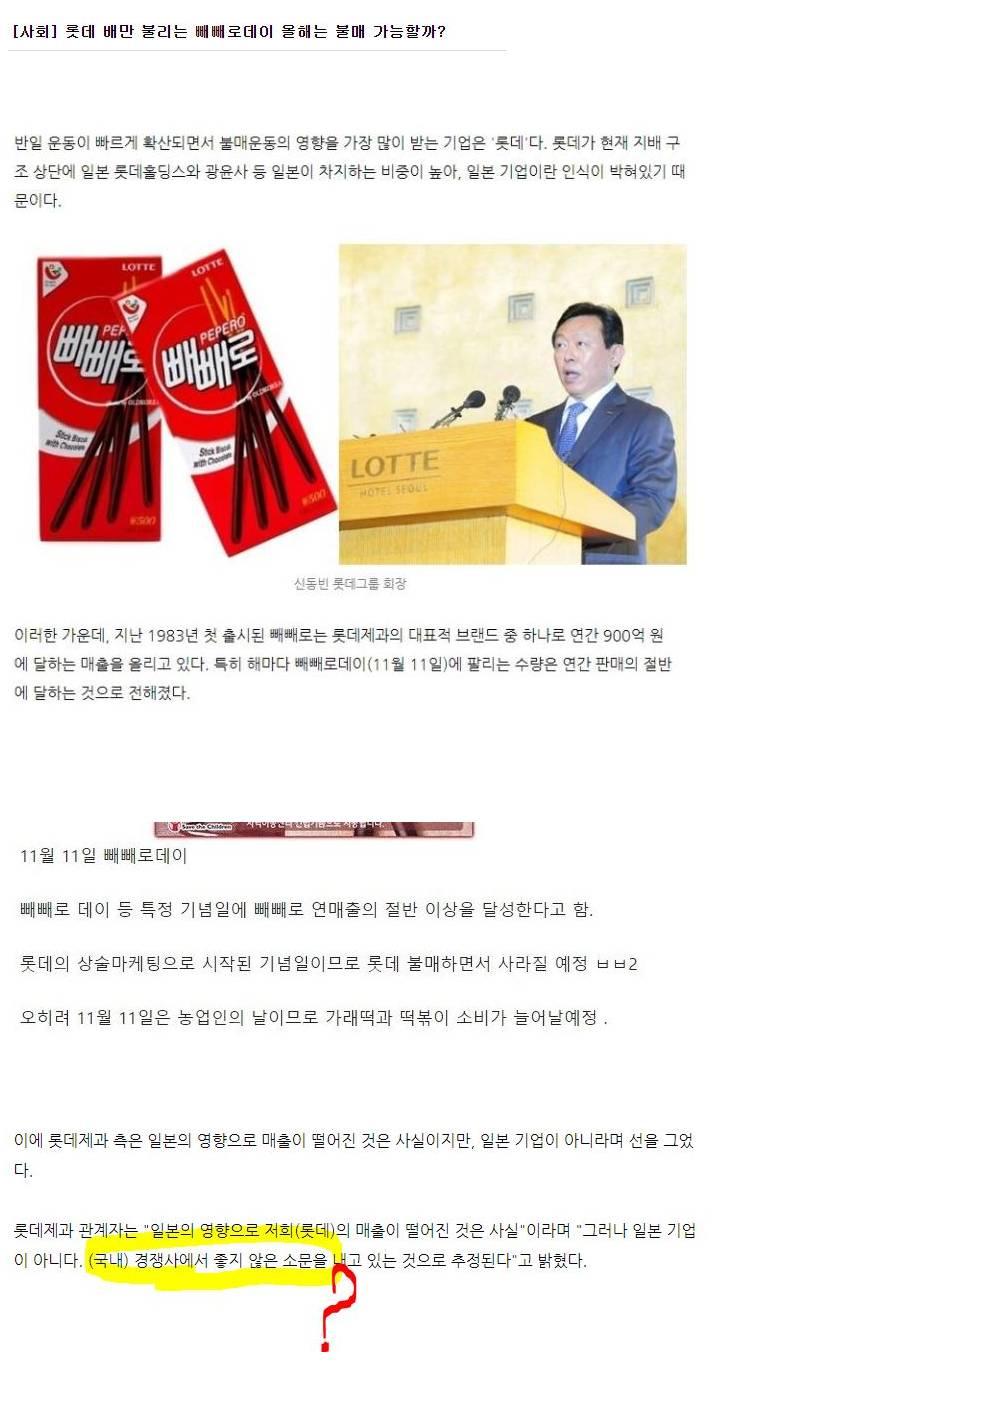 내일 모레 하룻만에 450억을 챙길 예정인 롯데 | 인스티즈